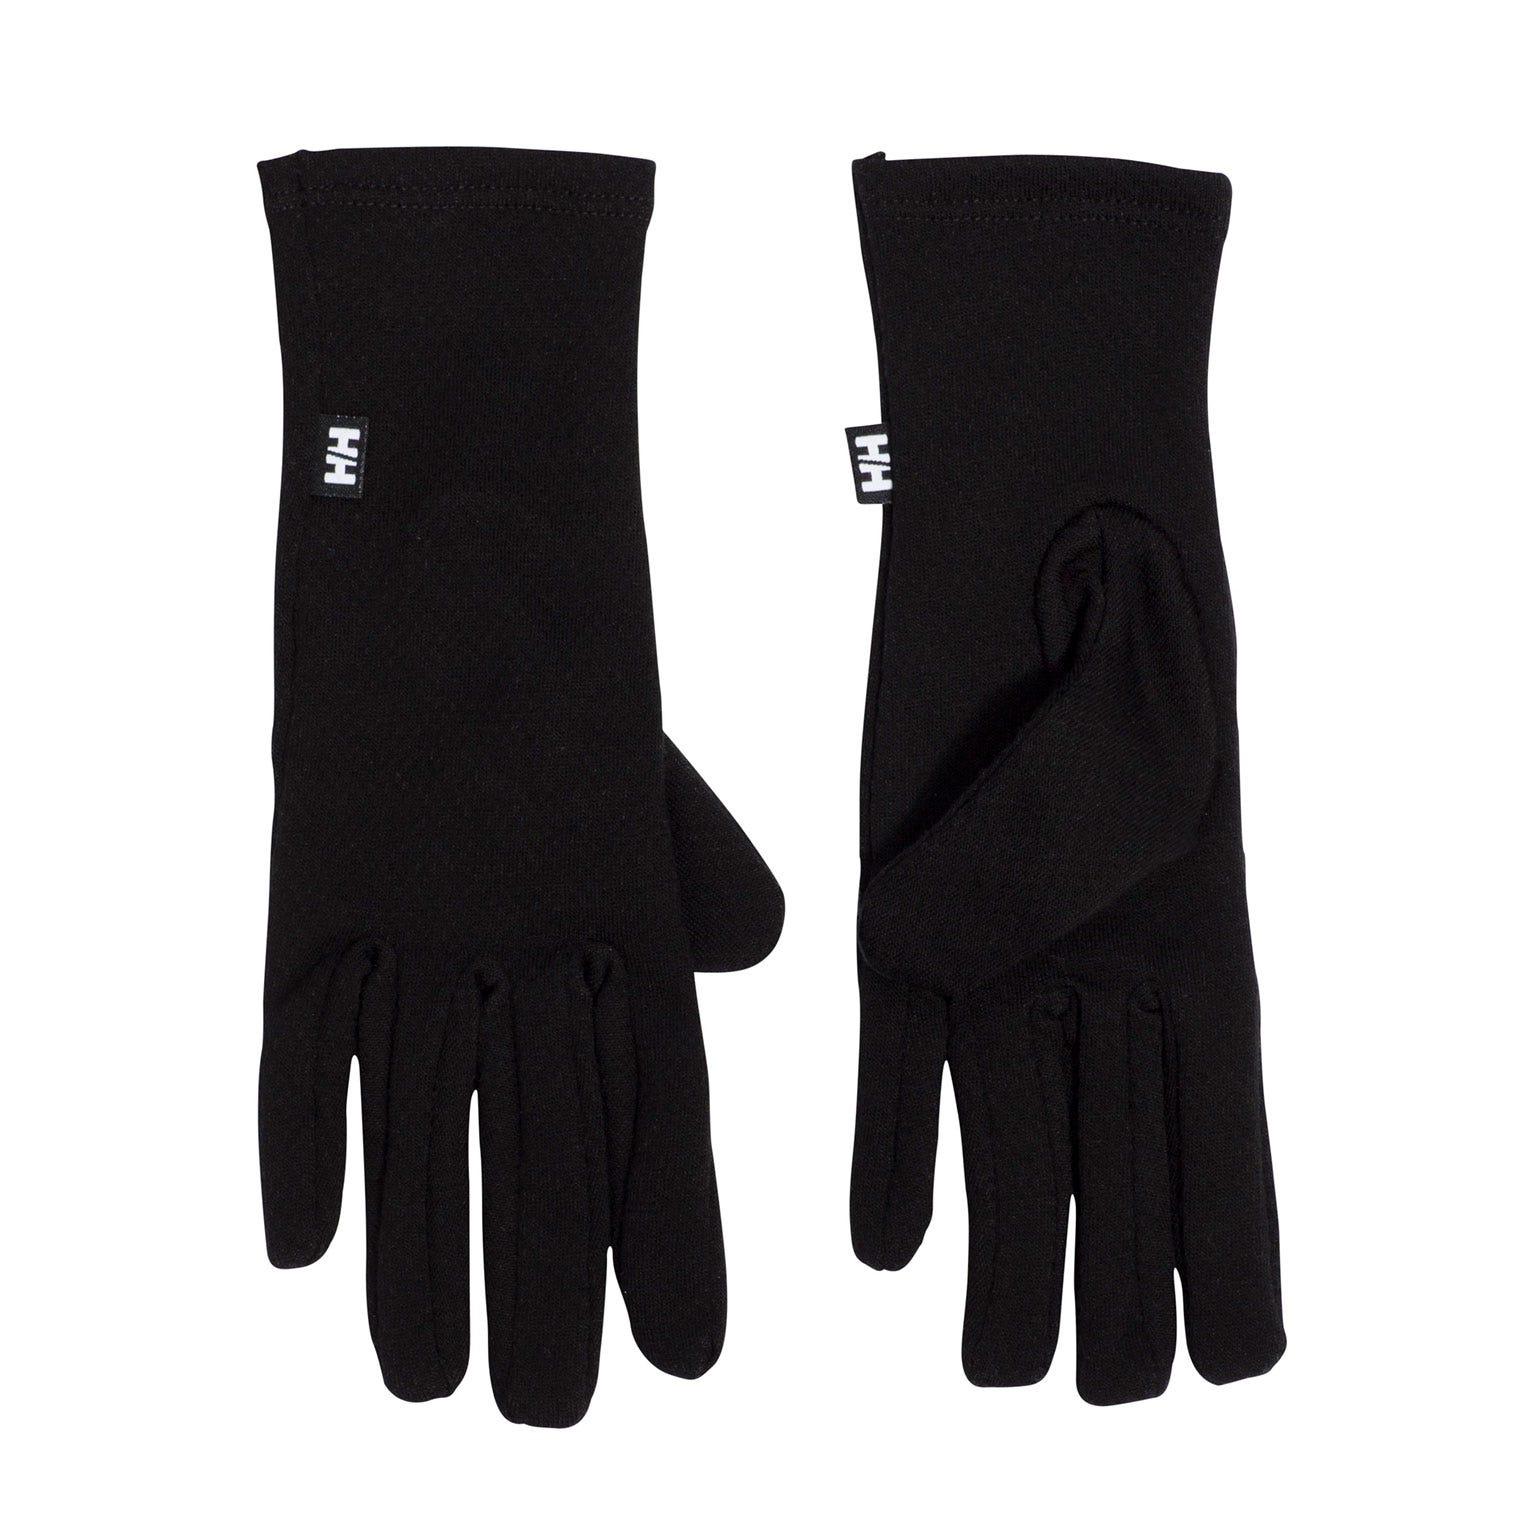 Helly Hansen Warm Glove Liner Baselayer Black M